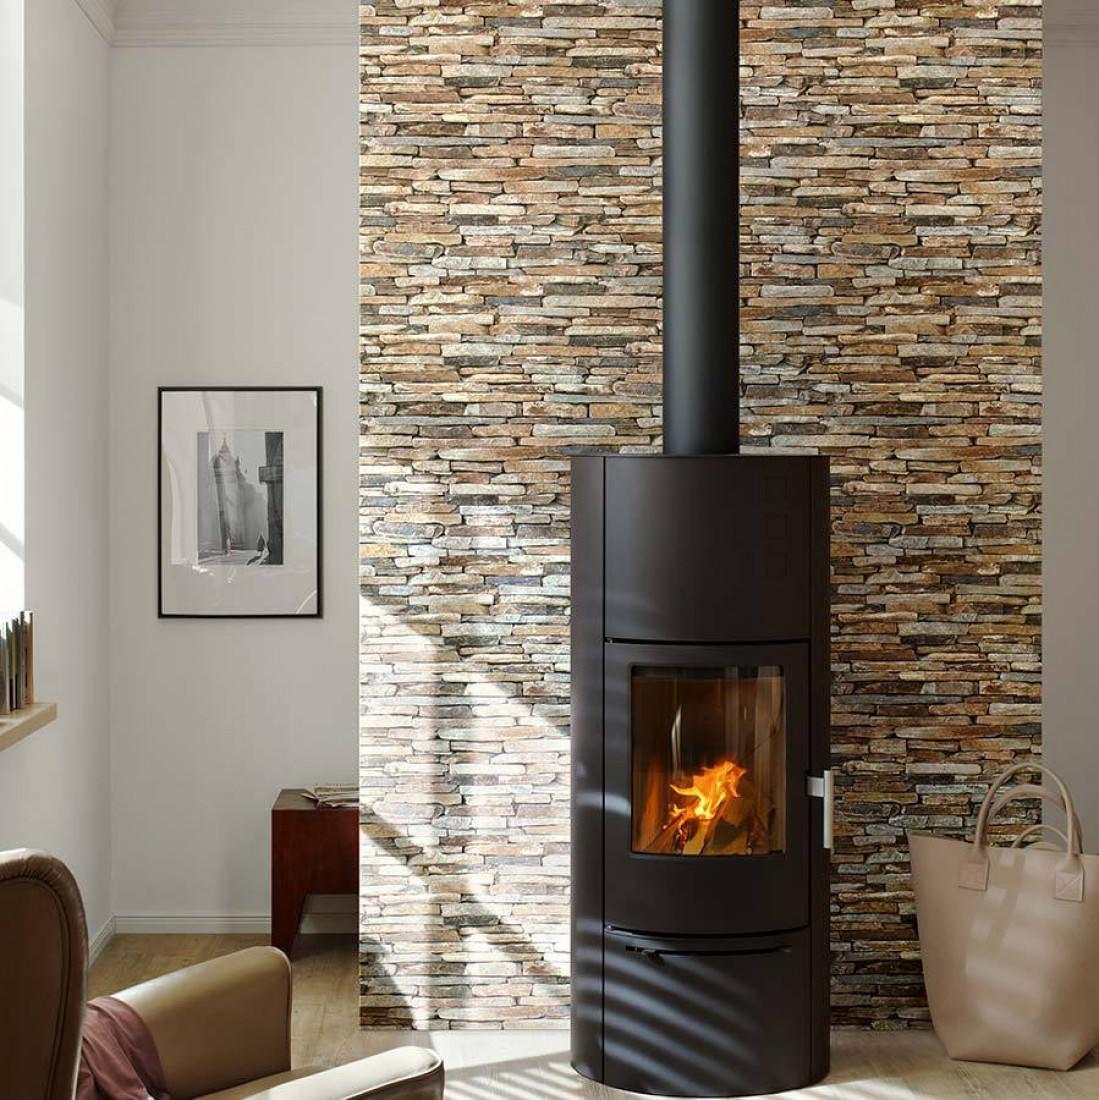 stones braunbeige graubraun hellgrau braunbeige graubraun hellgrau tapeten neuheiten. Black Bedroom Furniture Sets. Home Design Ideas